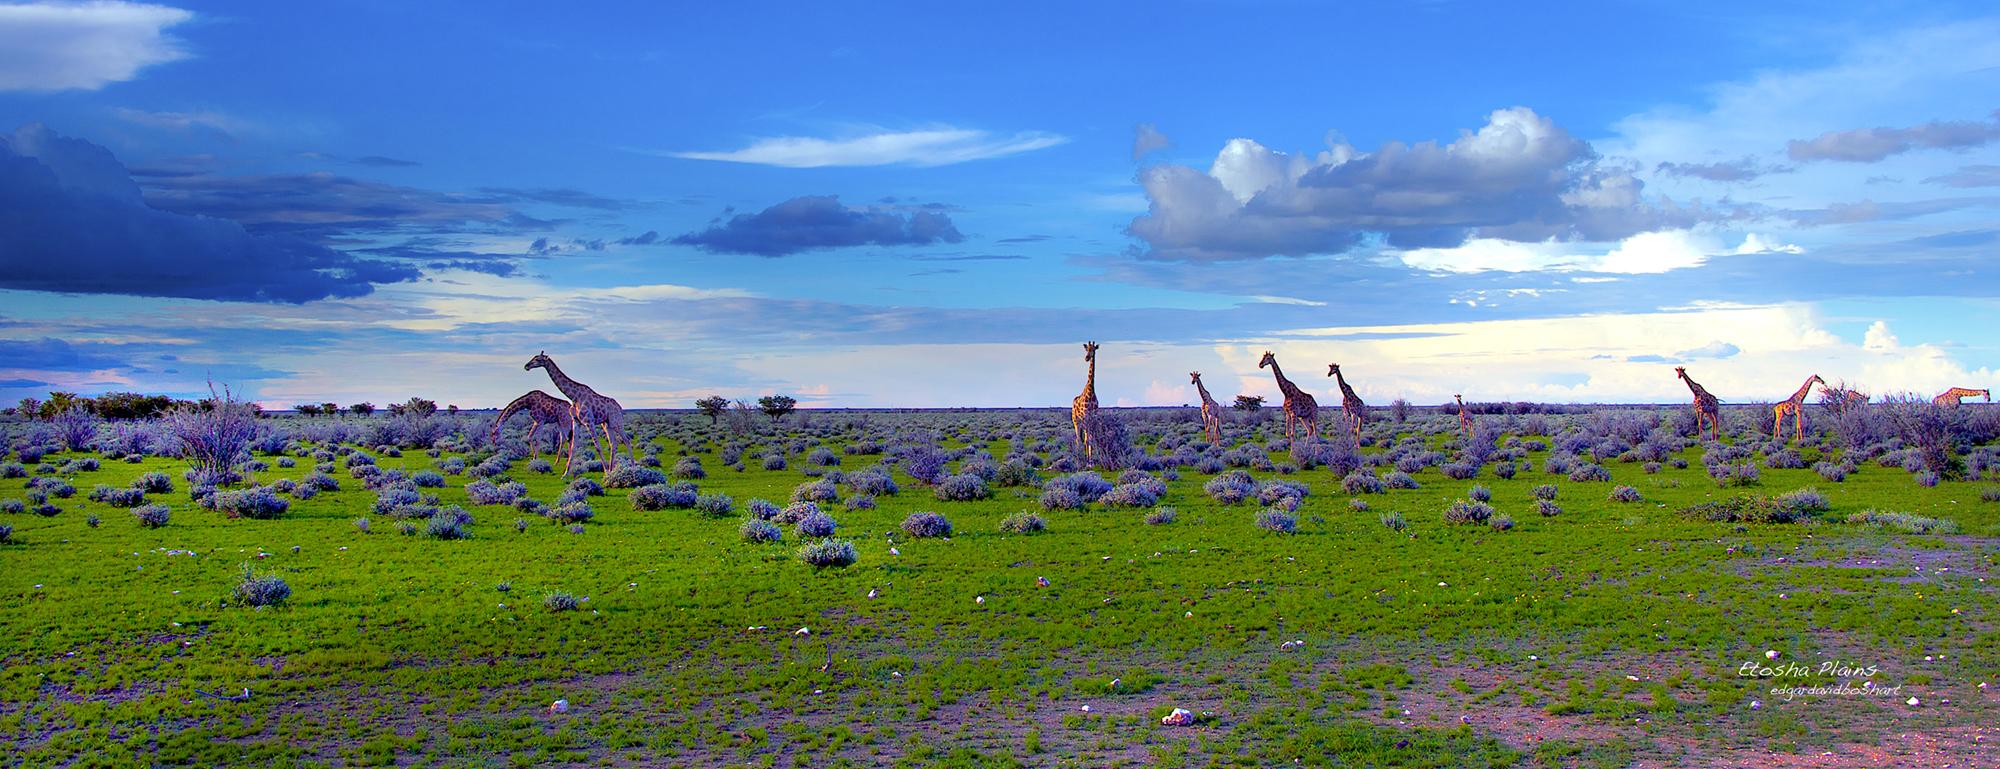 Etosha Plains